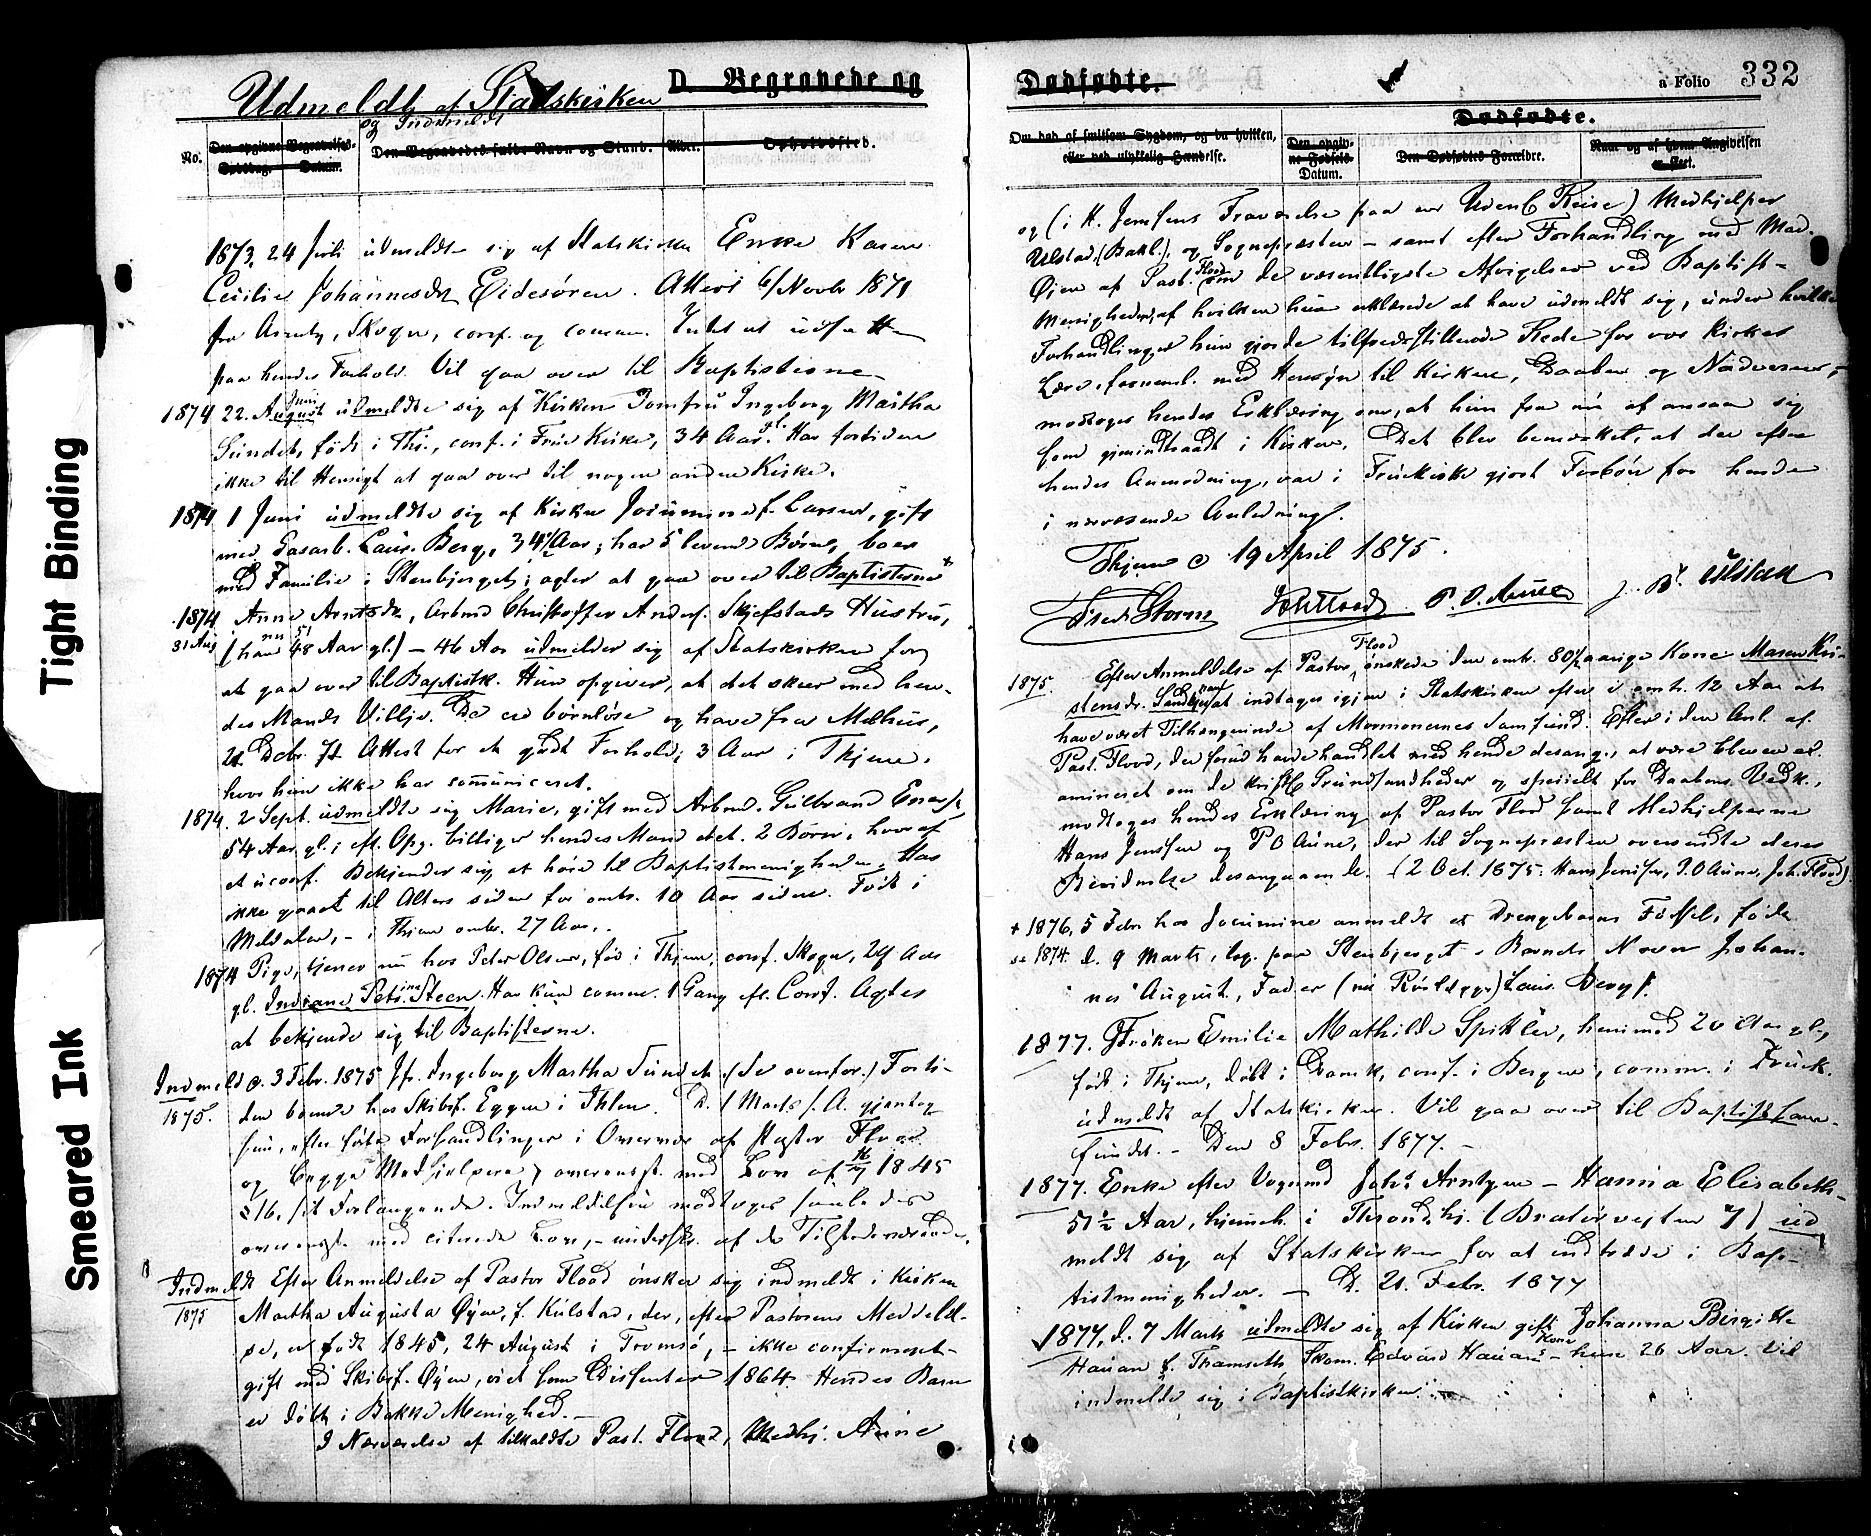 SAT, Ministerialprotokoller, klokkerbøker og fødselsregistre - Sør-Trøndelag, 602/L0118: Ministerialbok nr. 602A16, 1873-1879, s. 332